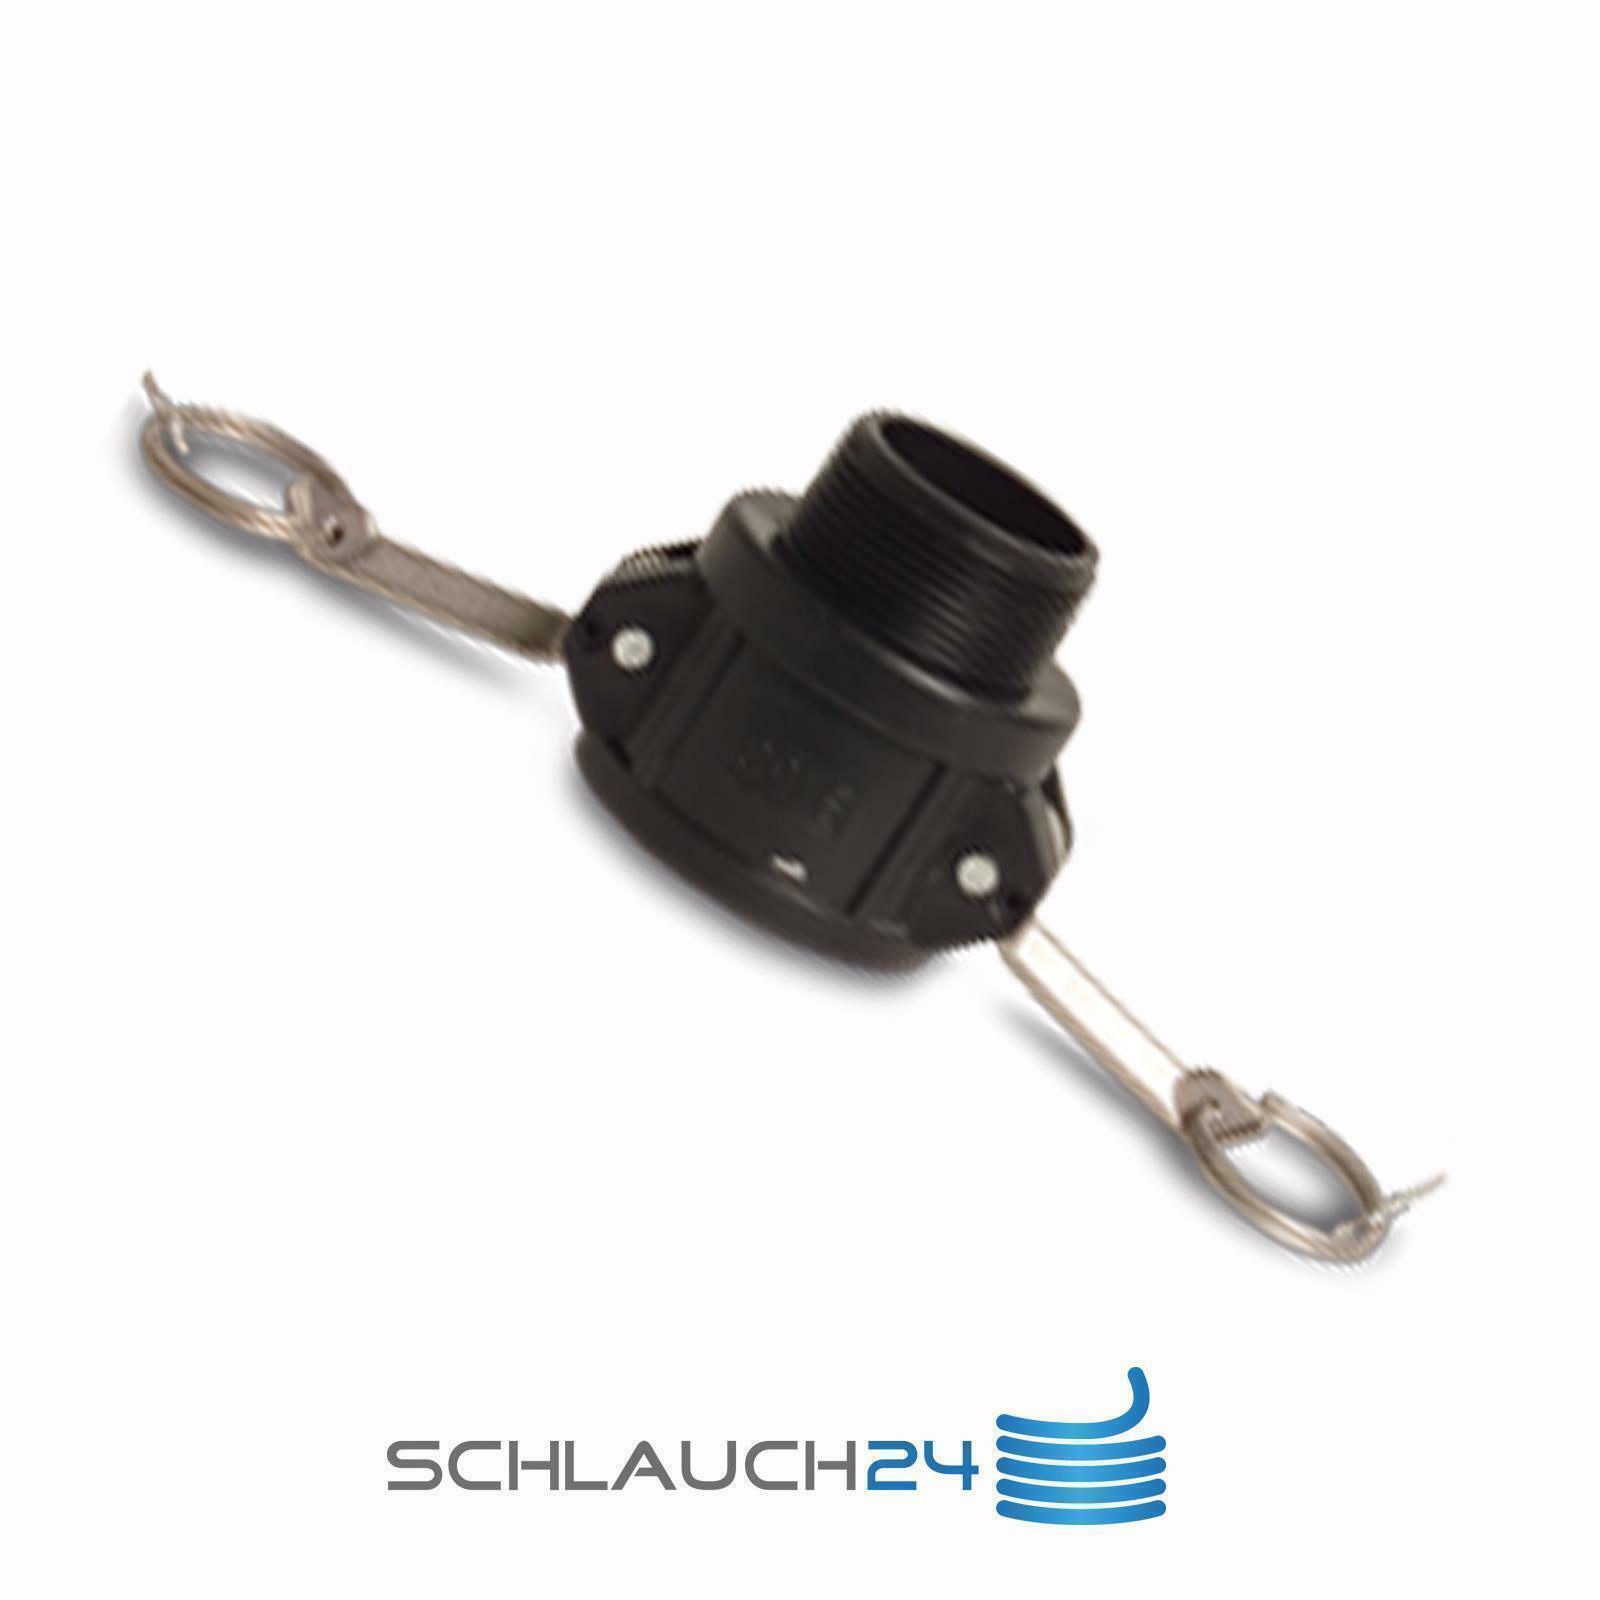 DE DN15 Edelstahl Kamlok Hebelamaturen Hebelarm Adapter Kupplung Camlock